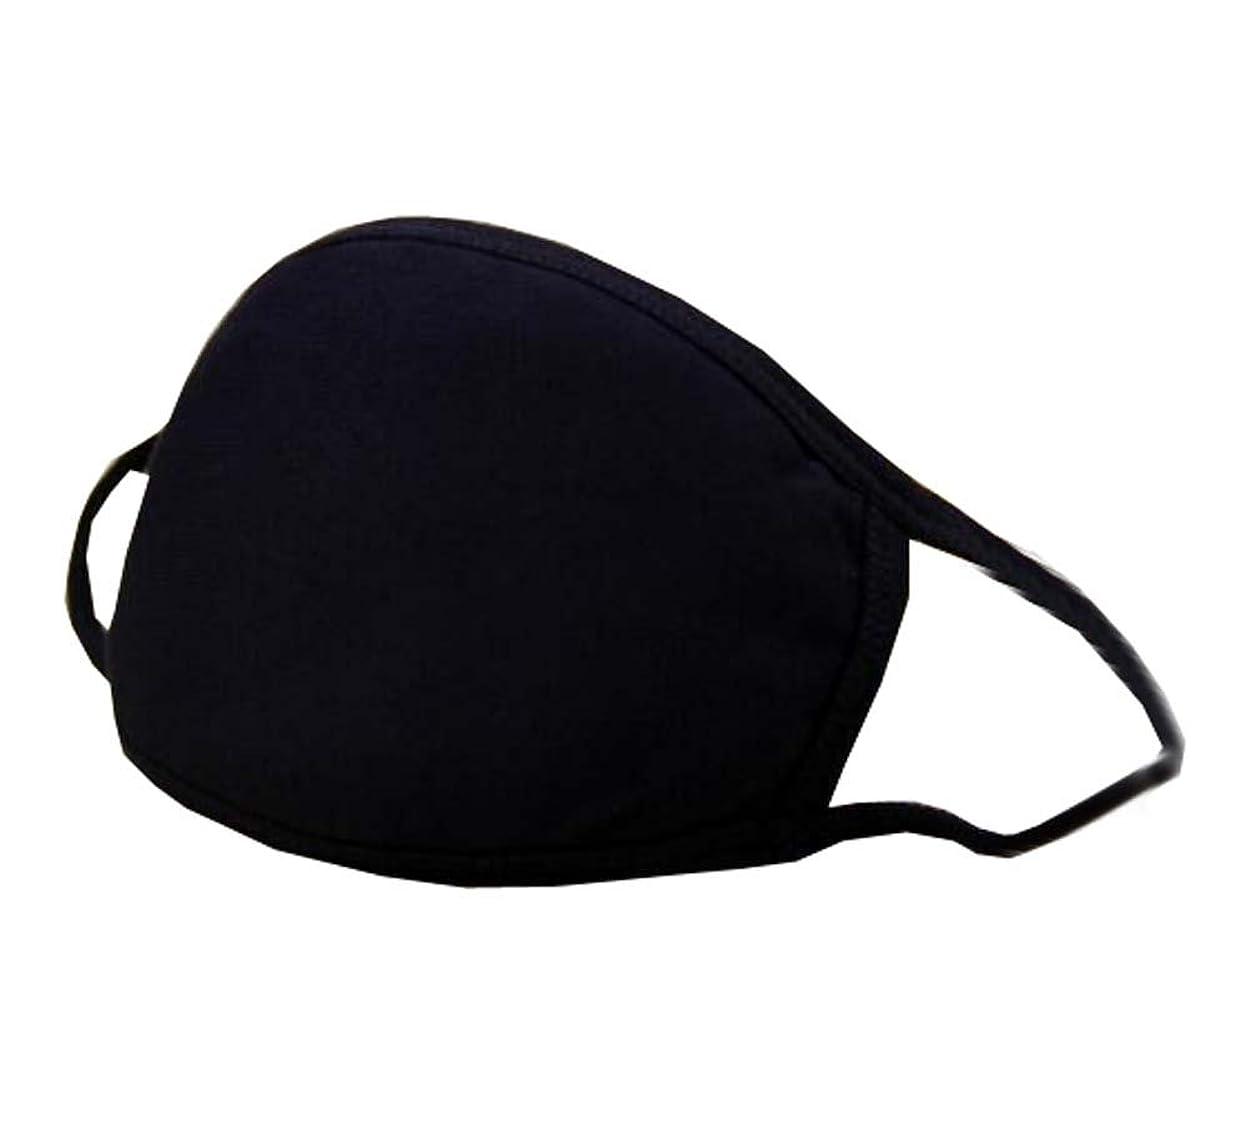 おんどり火山学ラベ口腔マスク、ユニセックスマスク男性用防塵コットンフェイスマスク(2個)、A1